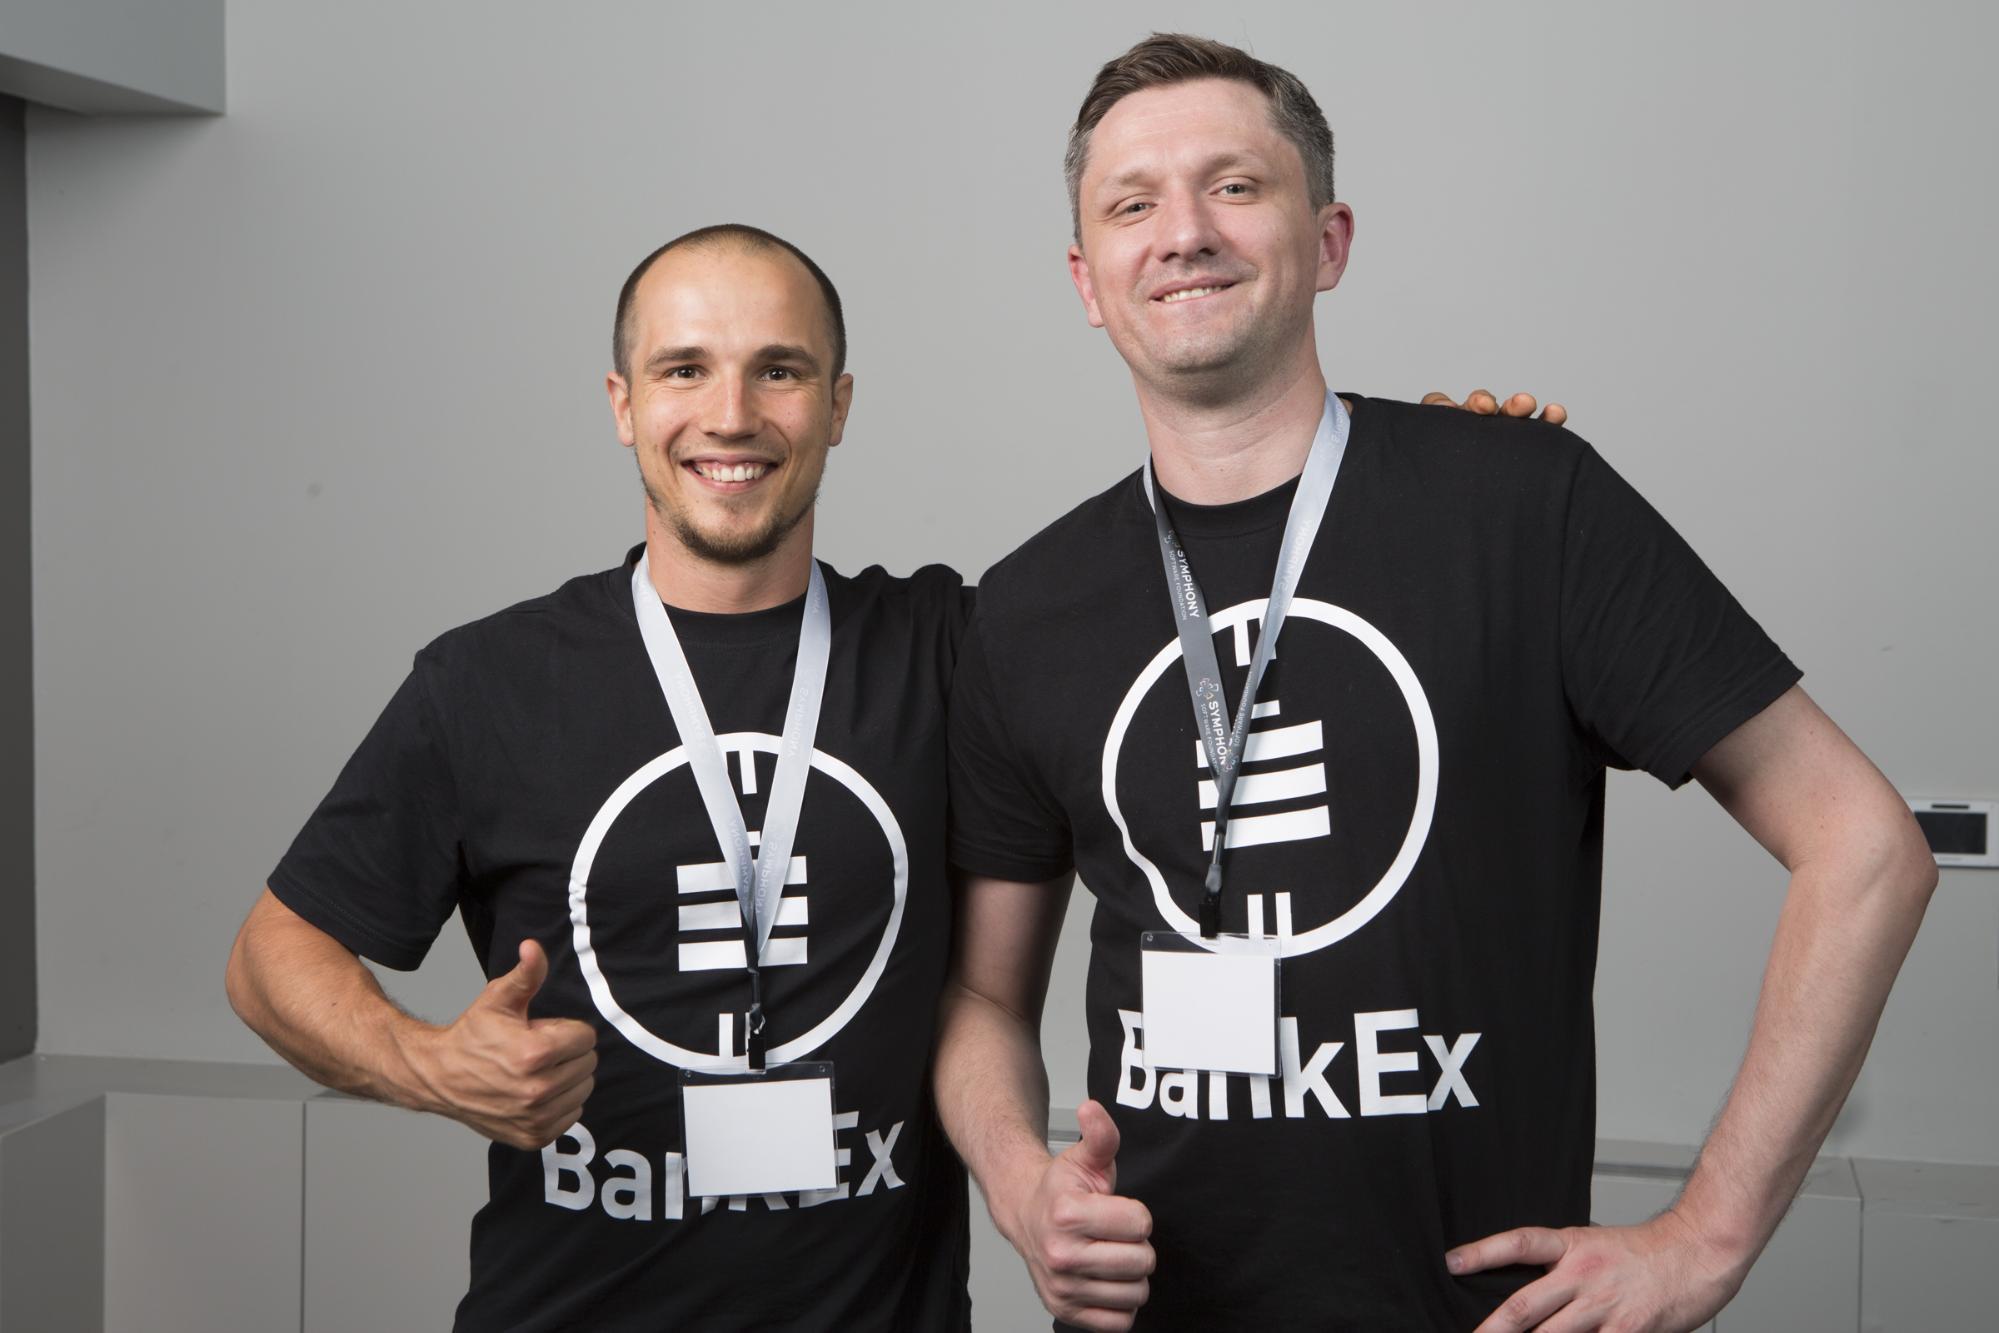 BankEx Members